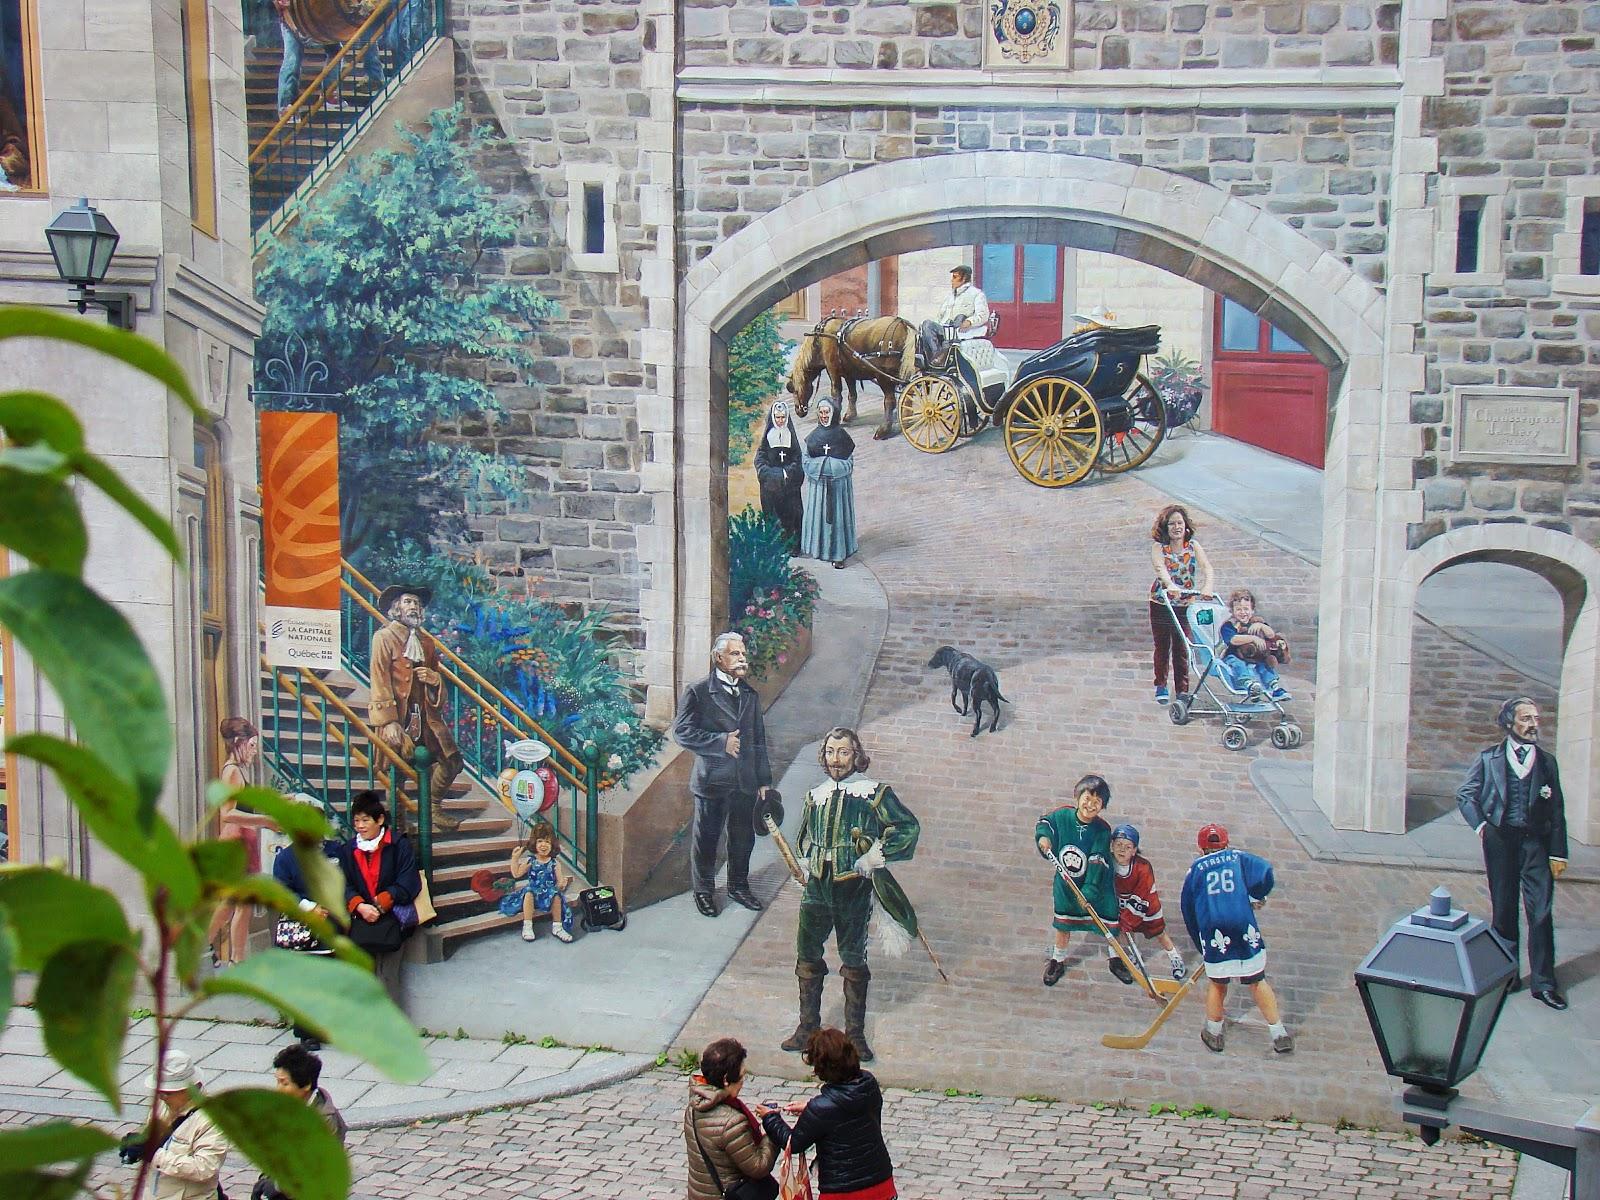 Здесь картина кажется продолжением улицы, на которой переплетаются современный Квебек с персонажами из далёкого прошлого.